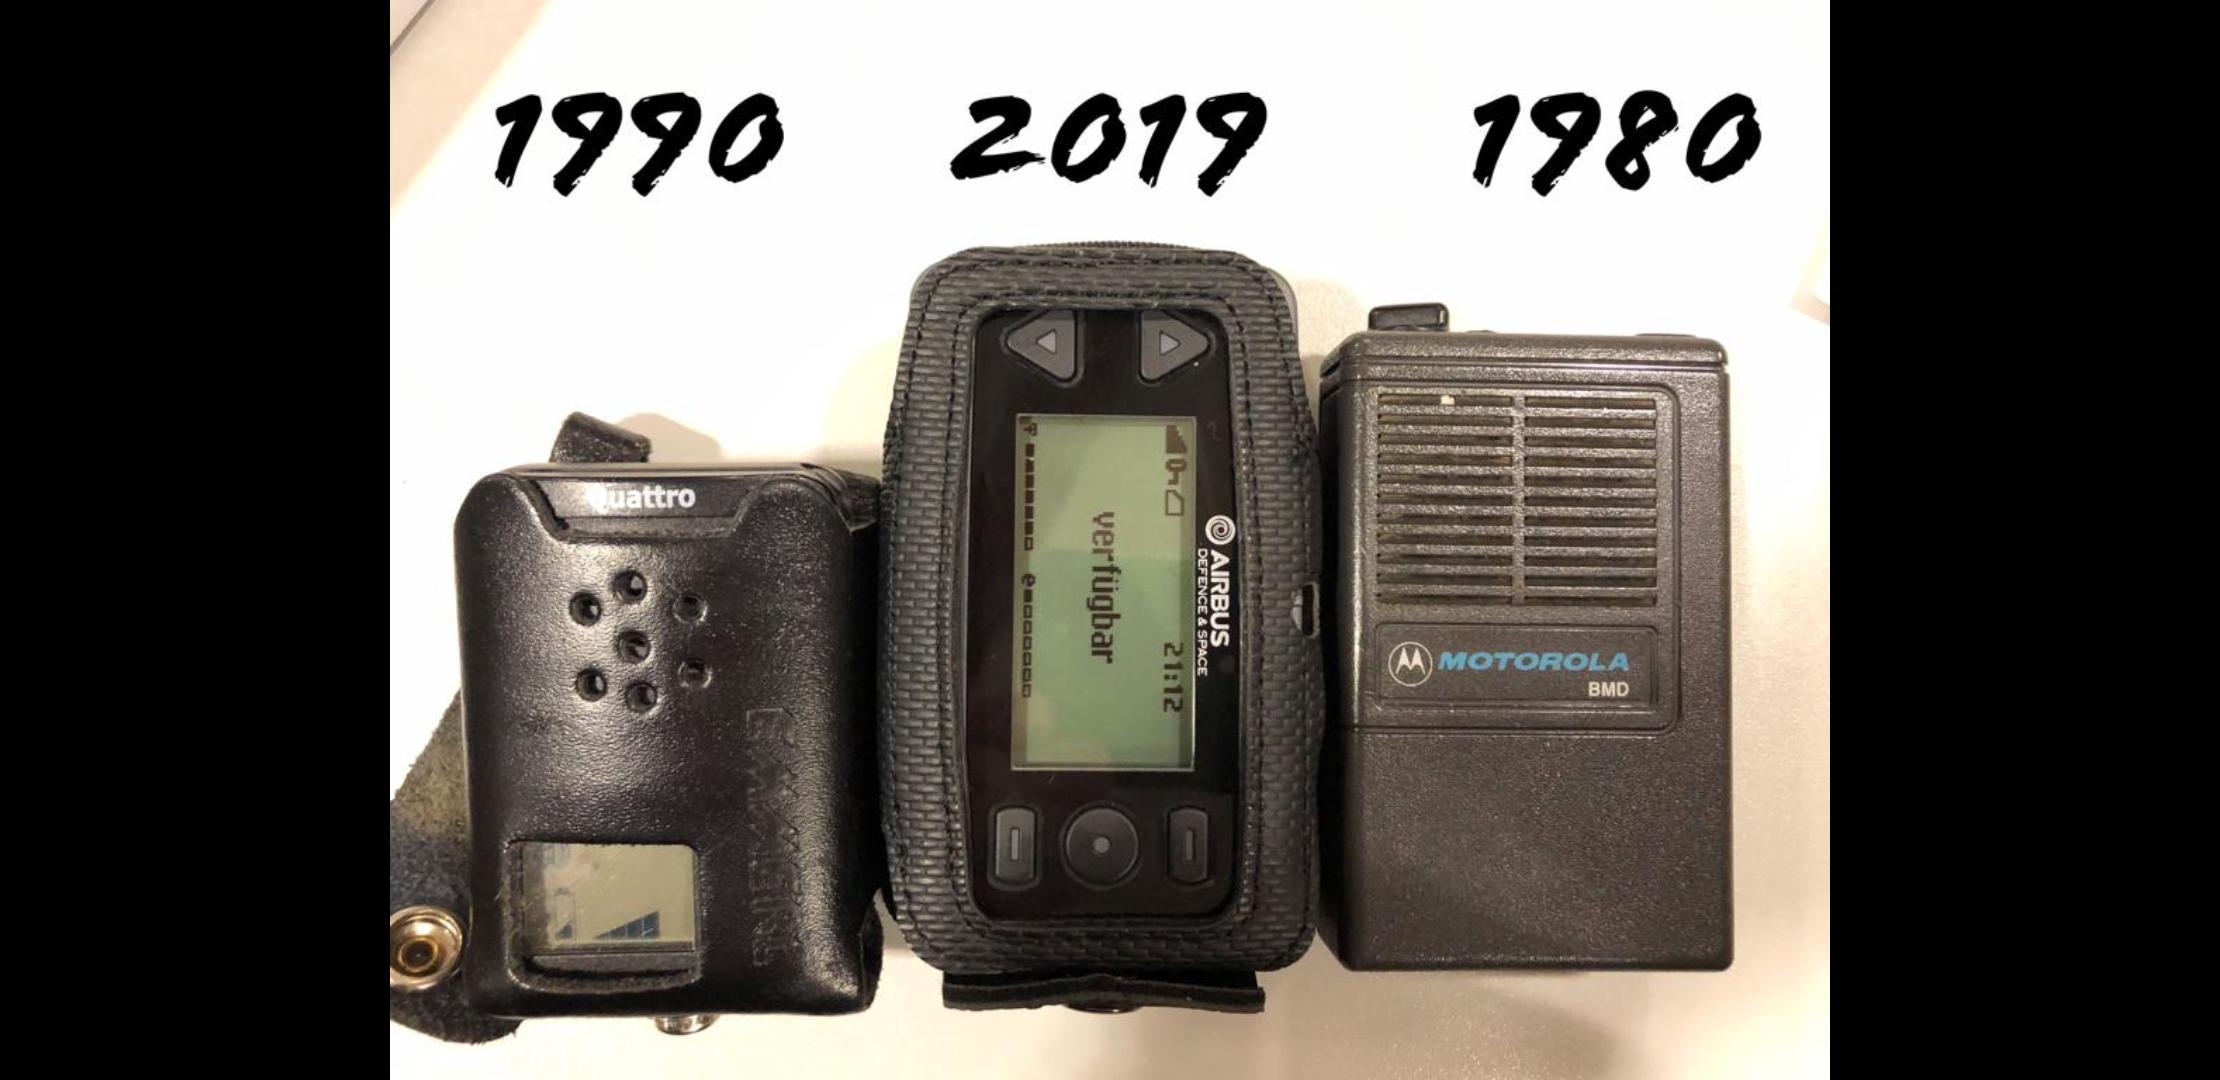 Pager alt und neu im Vergleich